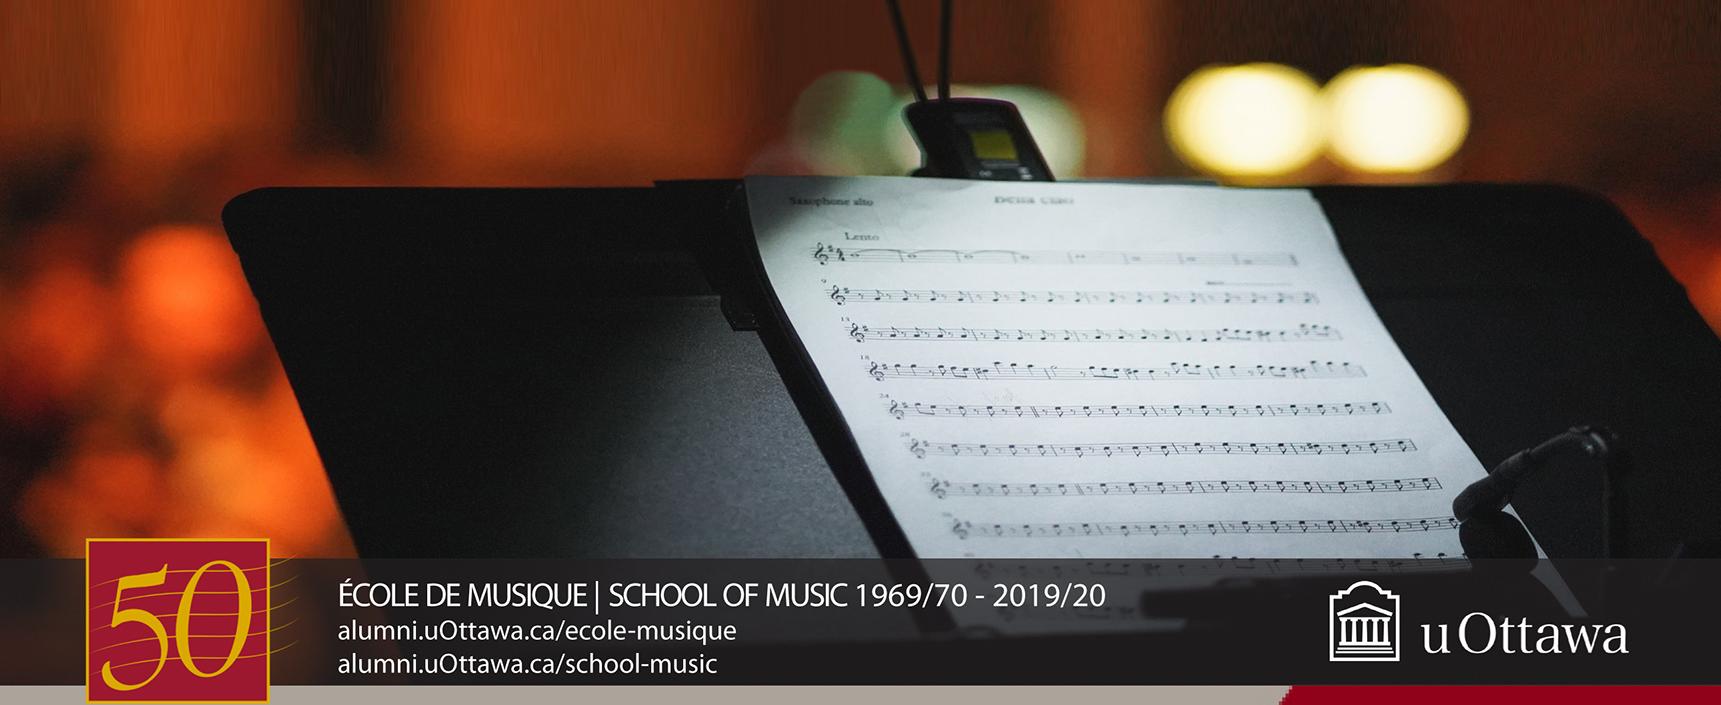 École de musique - 1969/70 - 2019/20